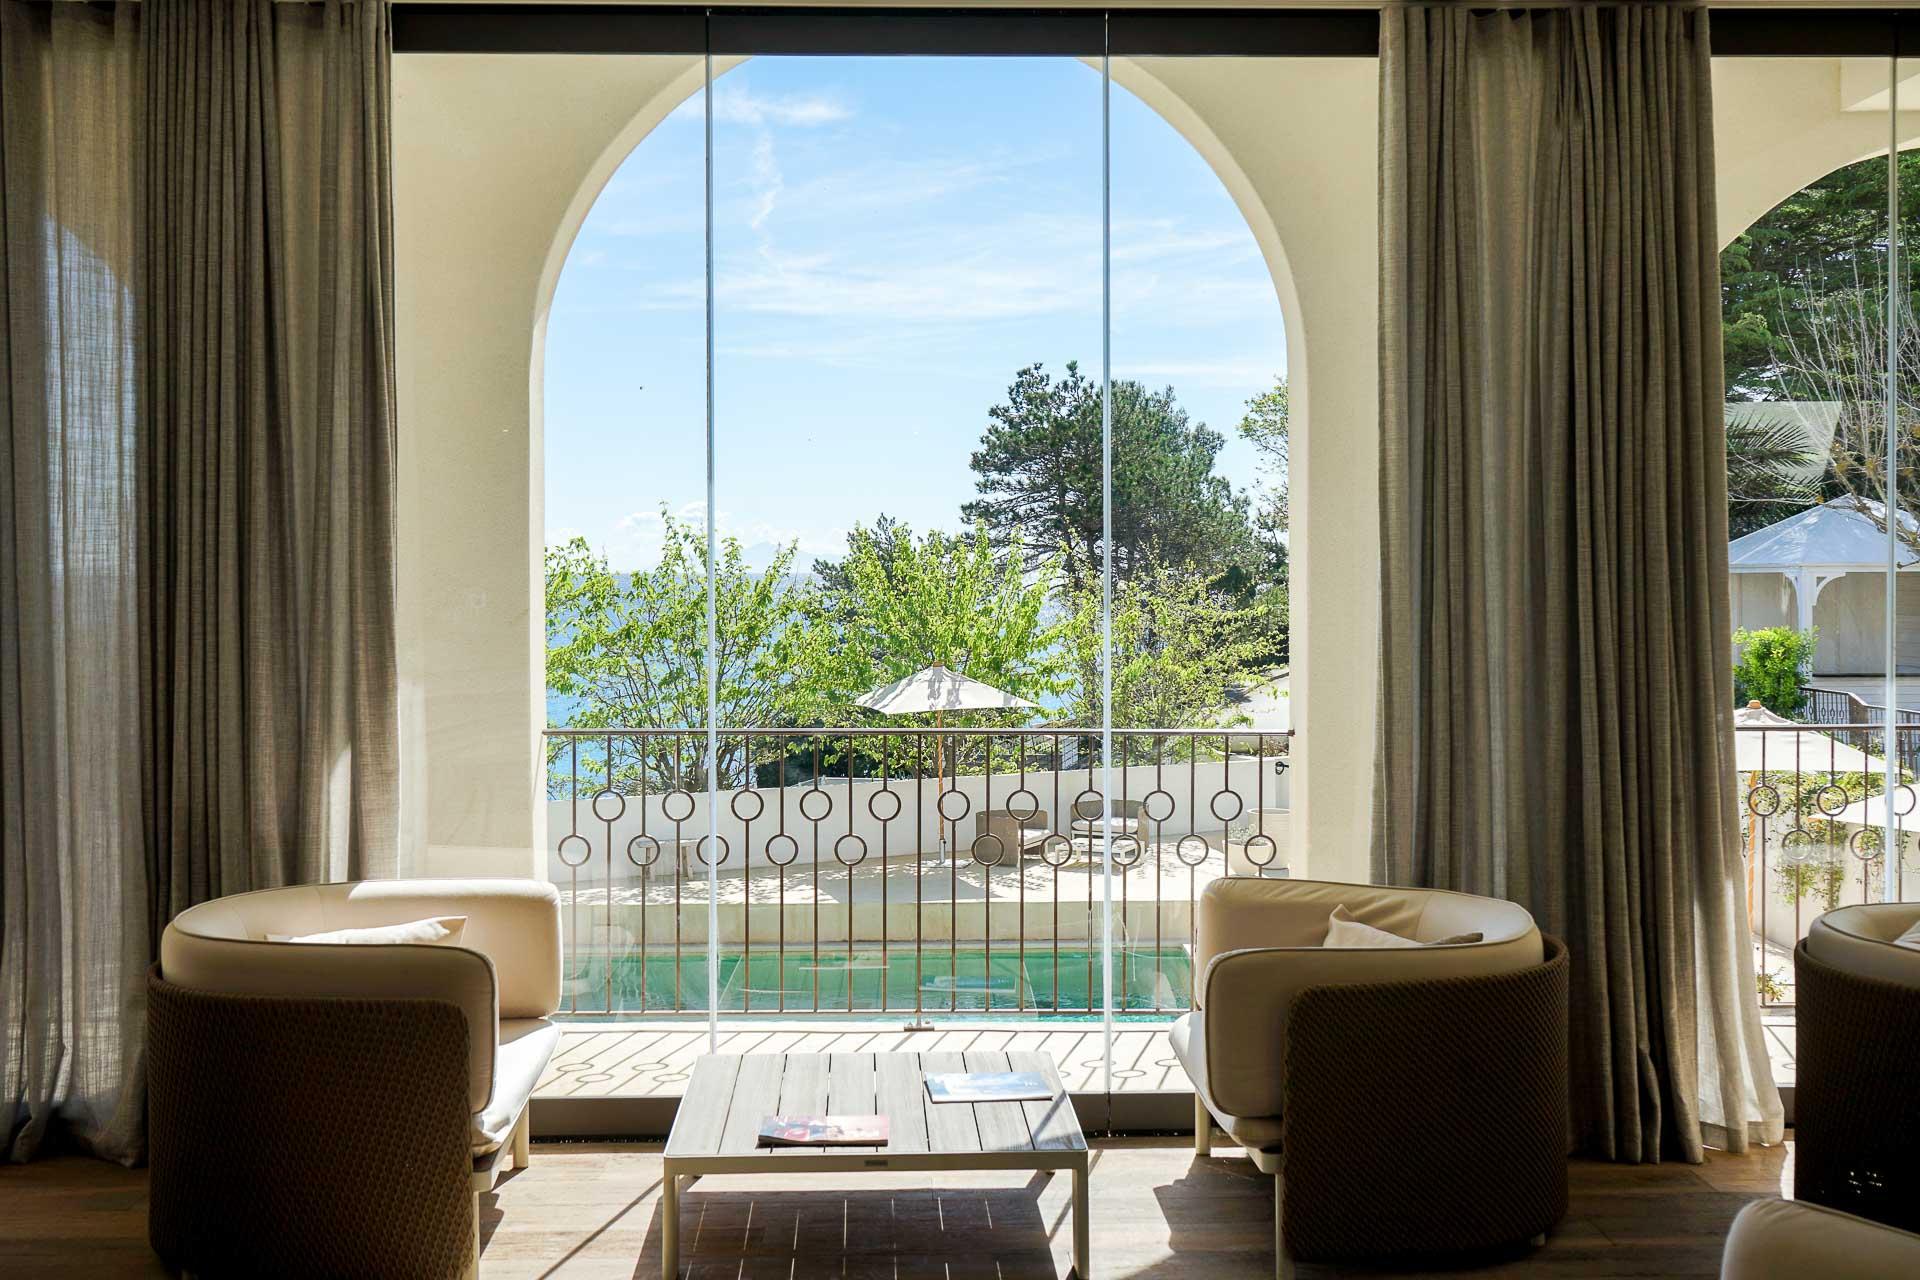 Depuis l'été 2017, Misíncu s'est imposé comme l'un des plus beaux hôtels de Corse. Ce boutique-hôtel confidentiel (33 chambres, 7 villas) déploie ses charmes entre mer et maquis, au cœur d'un immense domaine dans la région la plus sauvage de l'île. Avec, en prime, une démarche environnementale audacieuse.